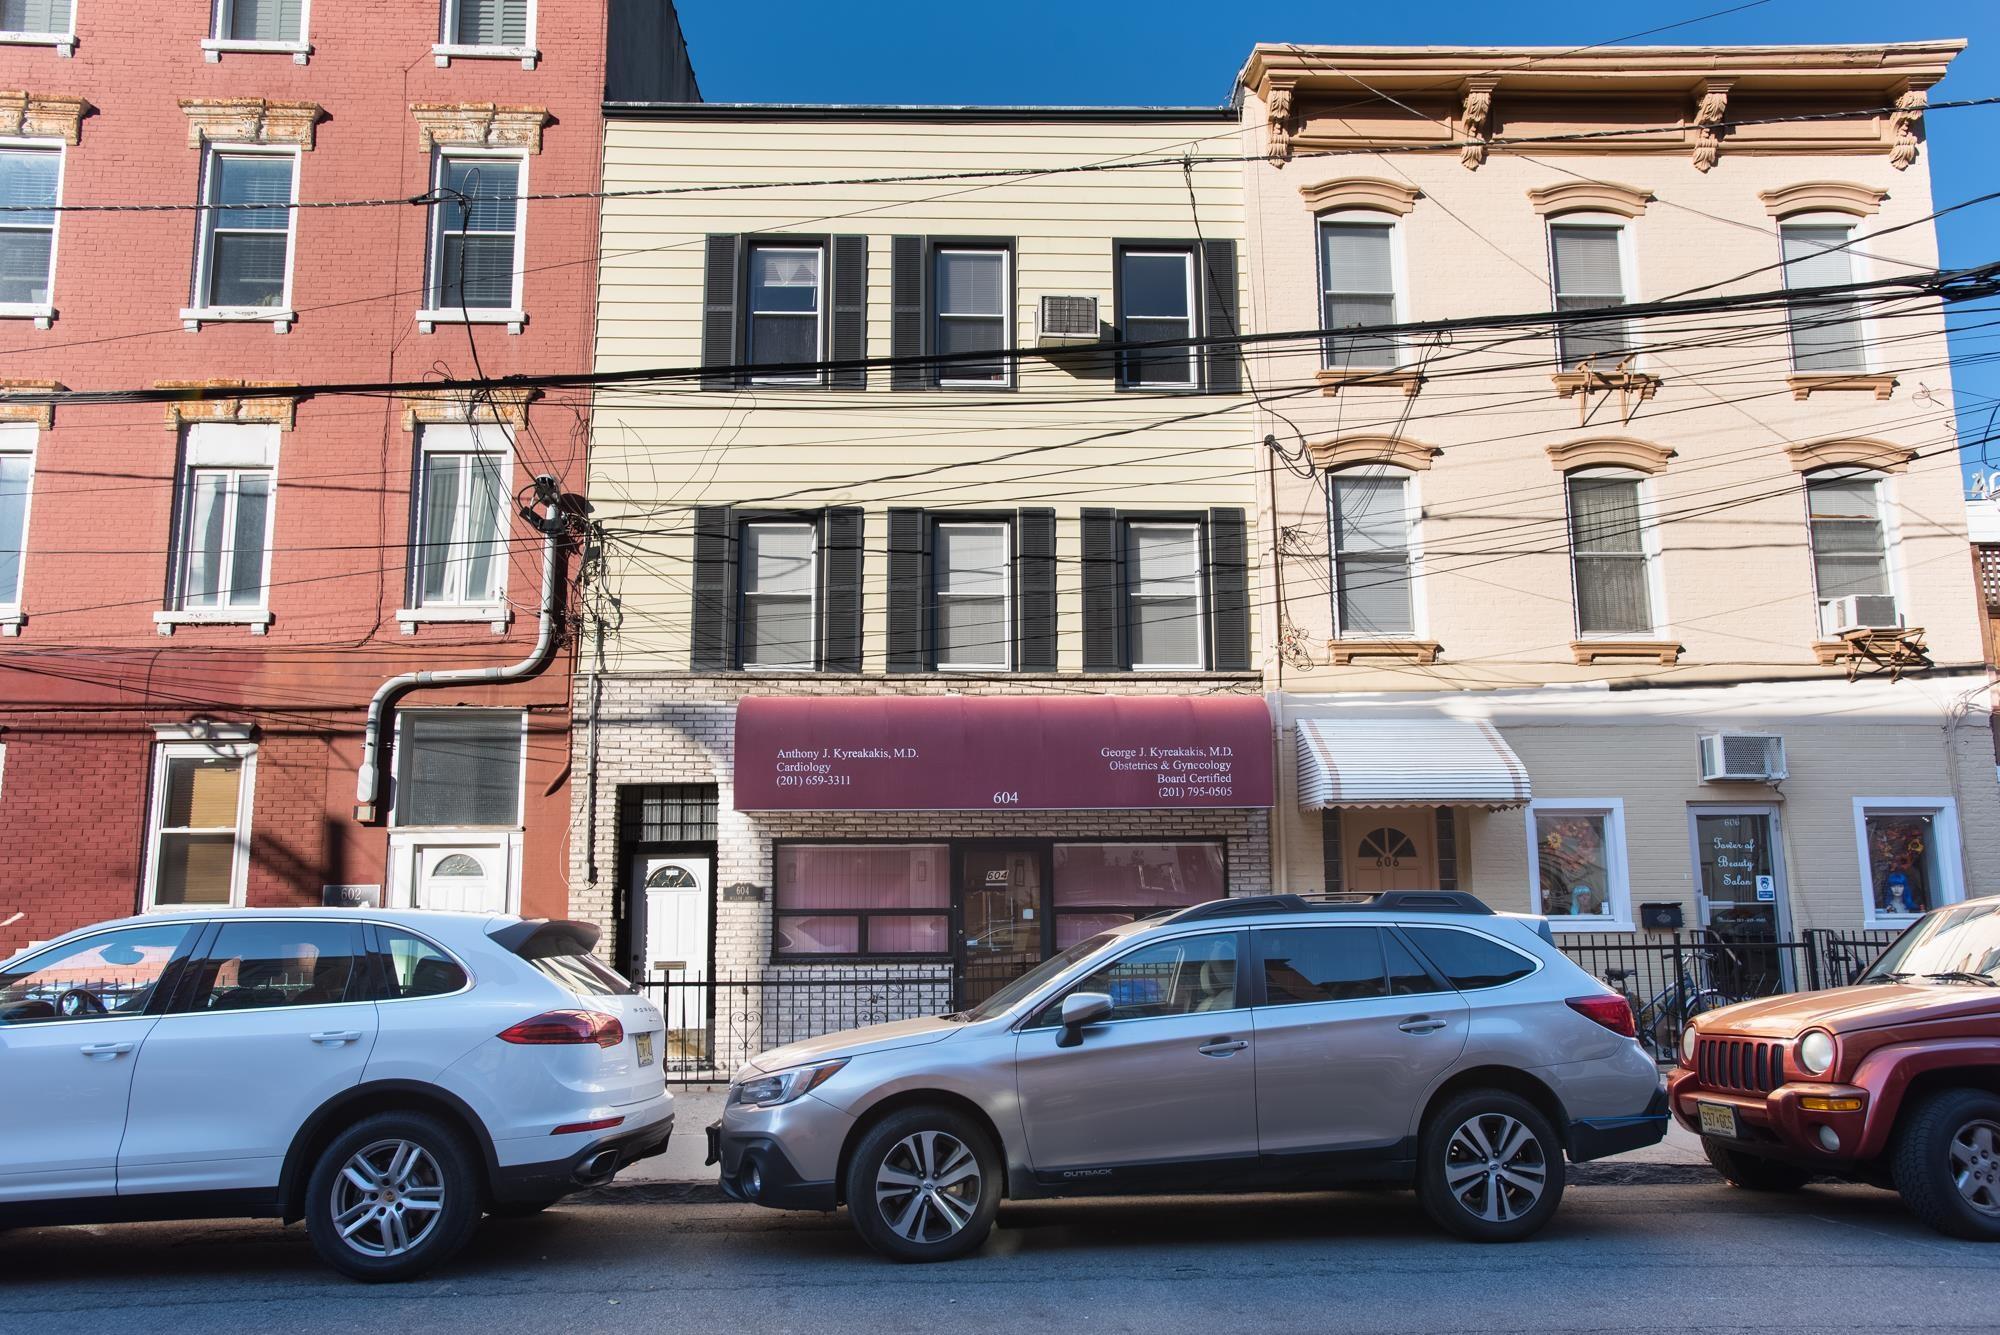 604 WILLOW AVE, Hoboken, NJ 07030